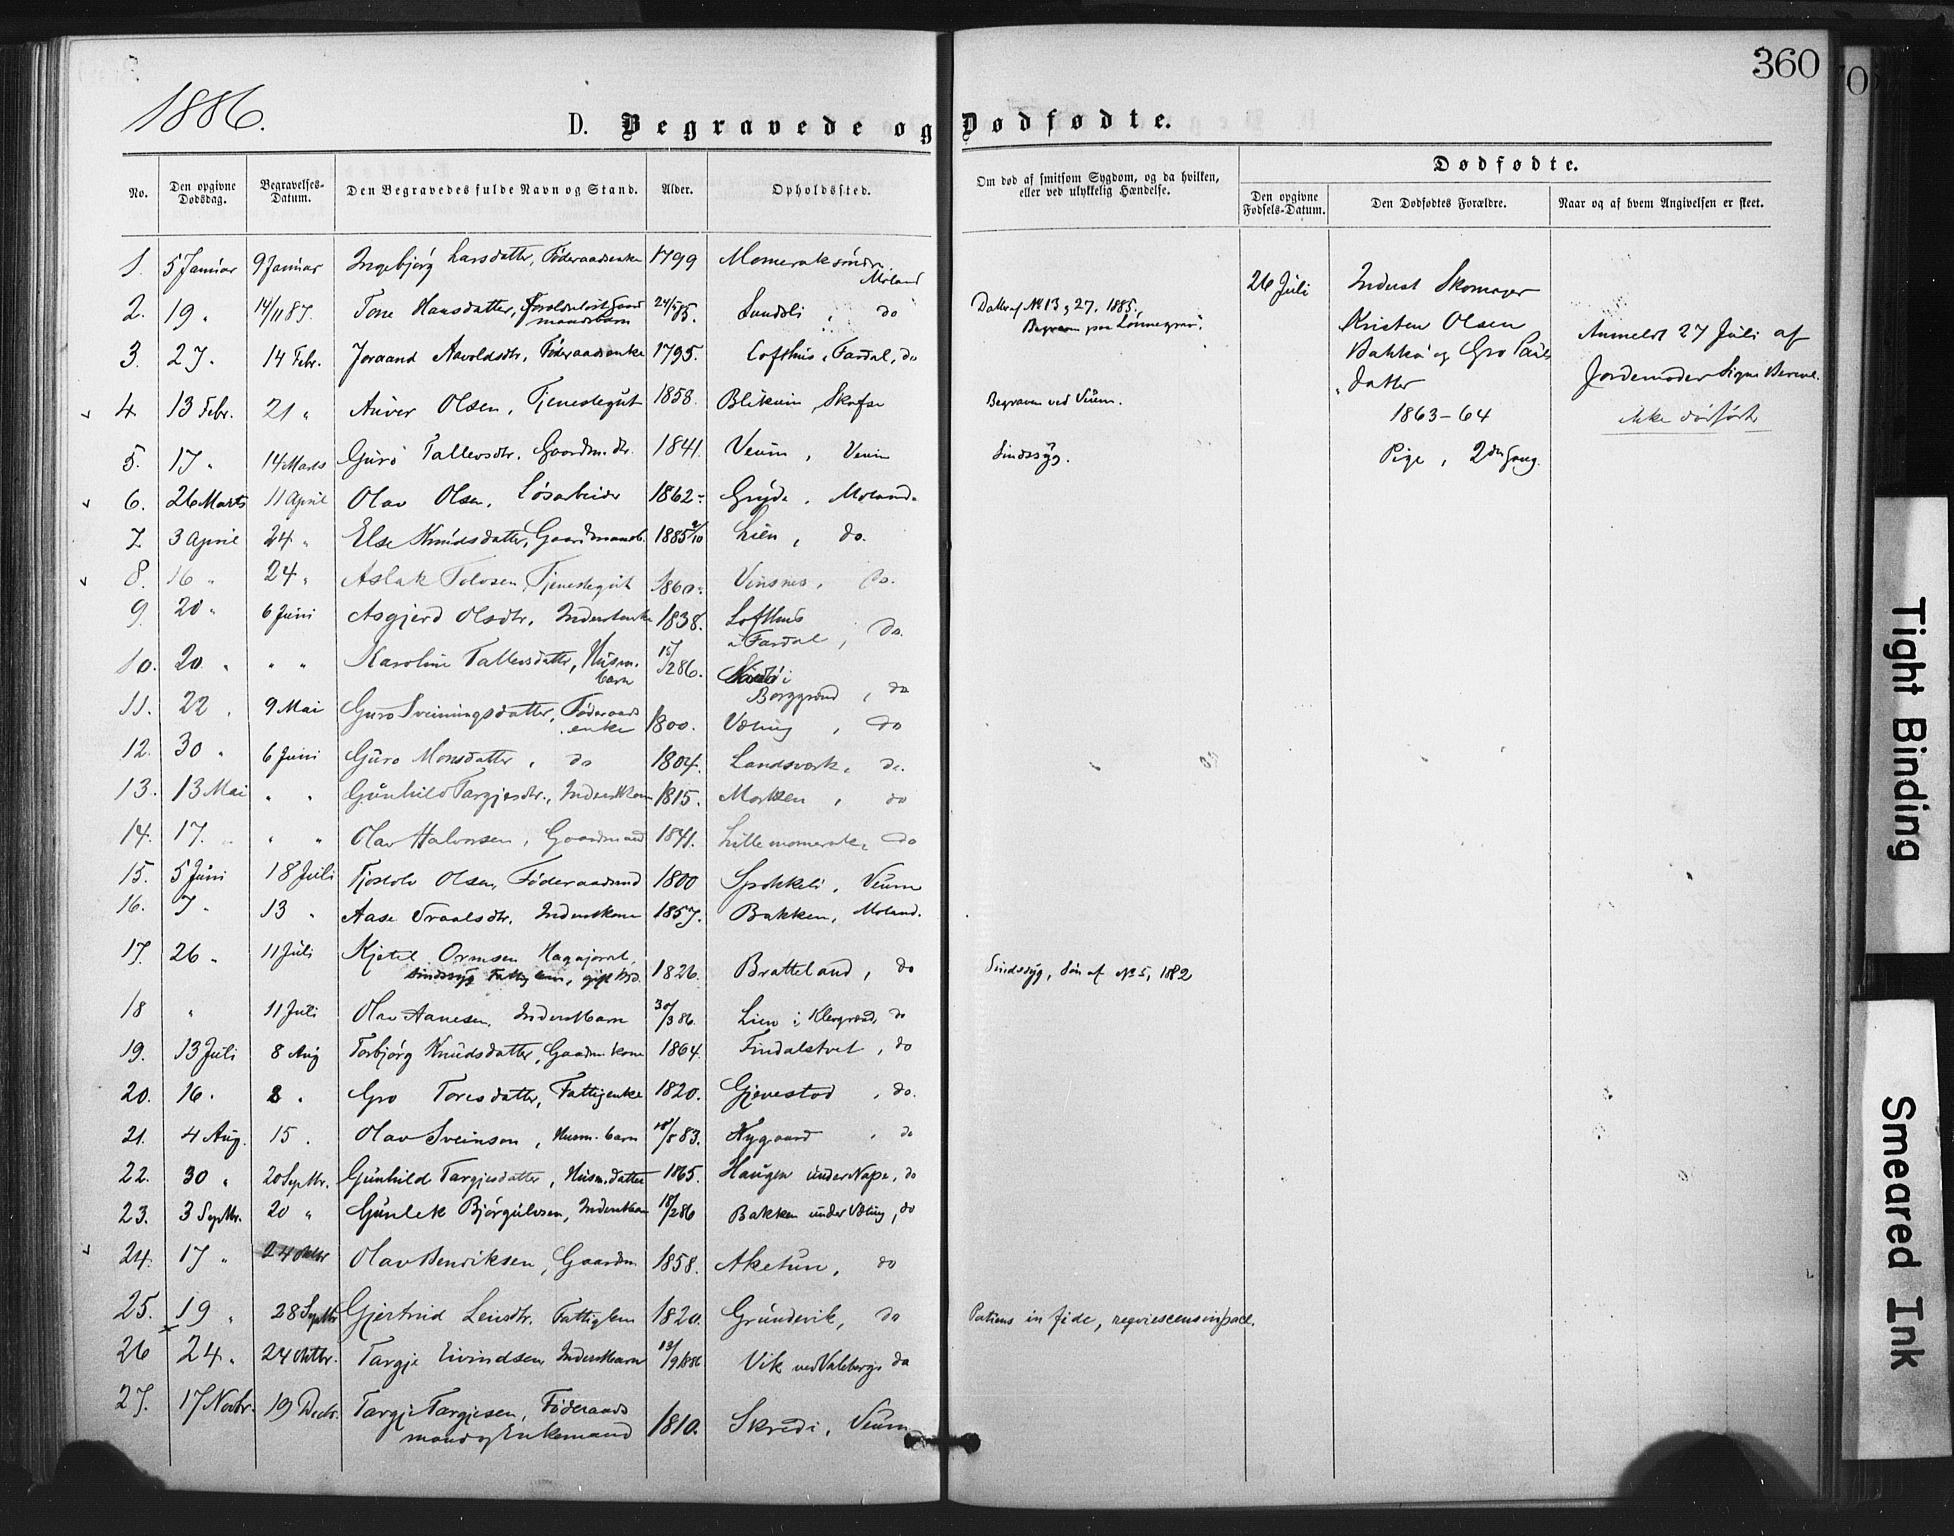 SAKO, Fyresdal kirkebøker, F/Fa/L0006: Ministerialbok nr. I 6, 1872-1886, s. 360